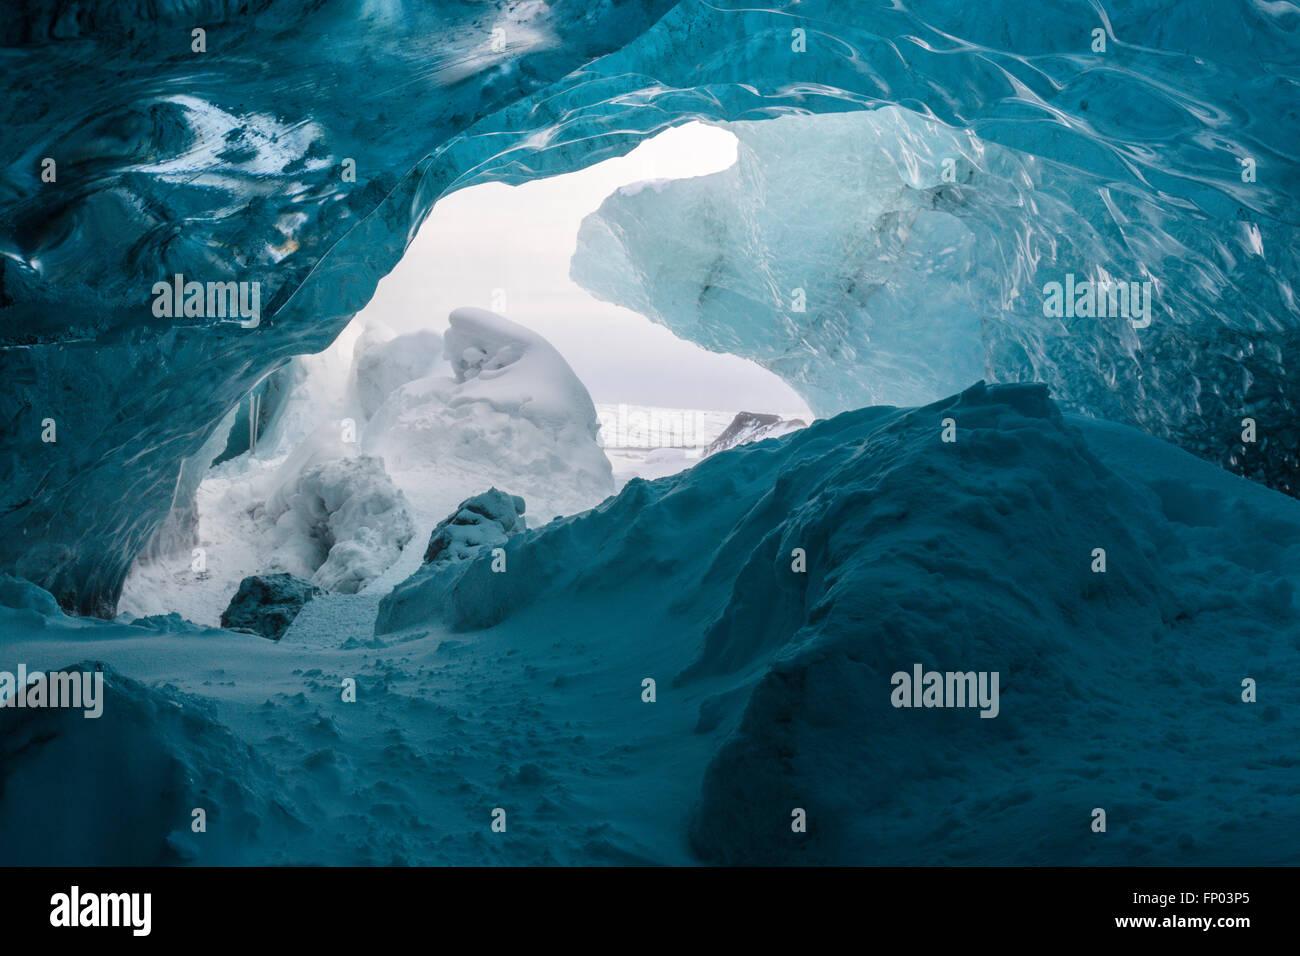 La cueva de hielo, Parque Nacional, el glaciar de Vatnajökull, Islandia Imagen De Stock